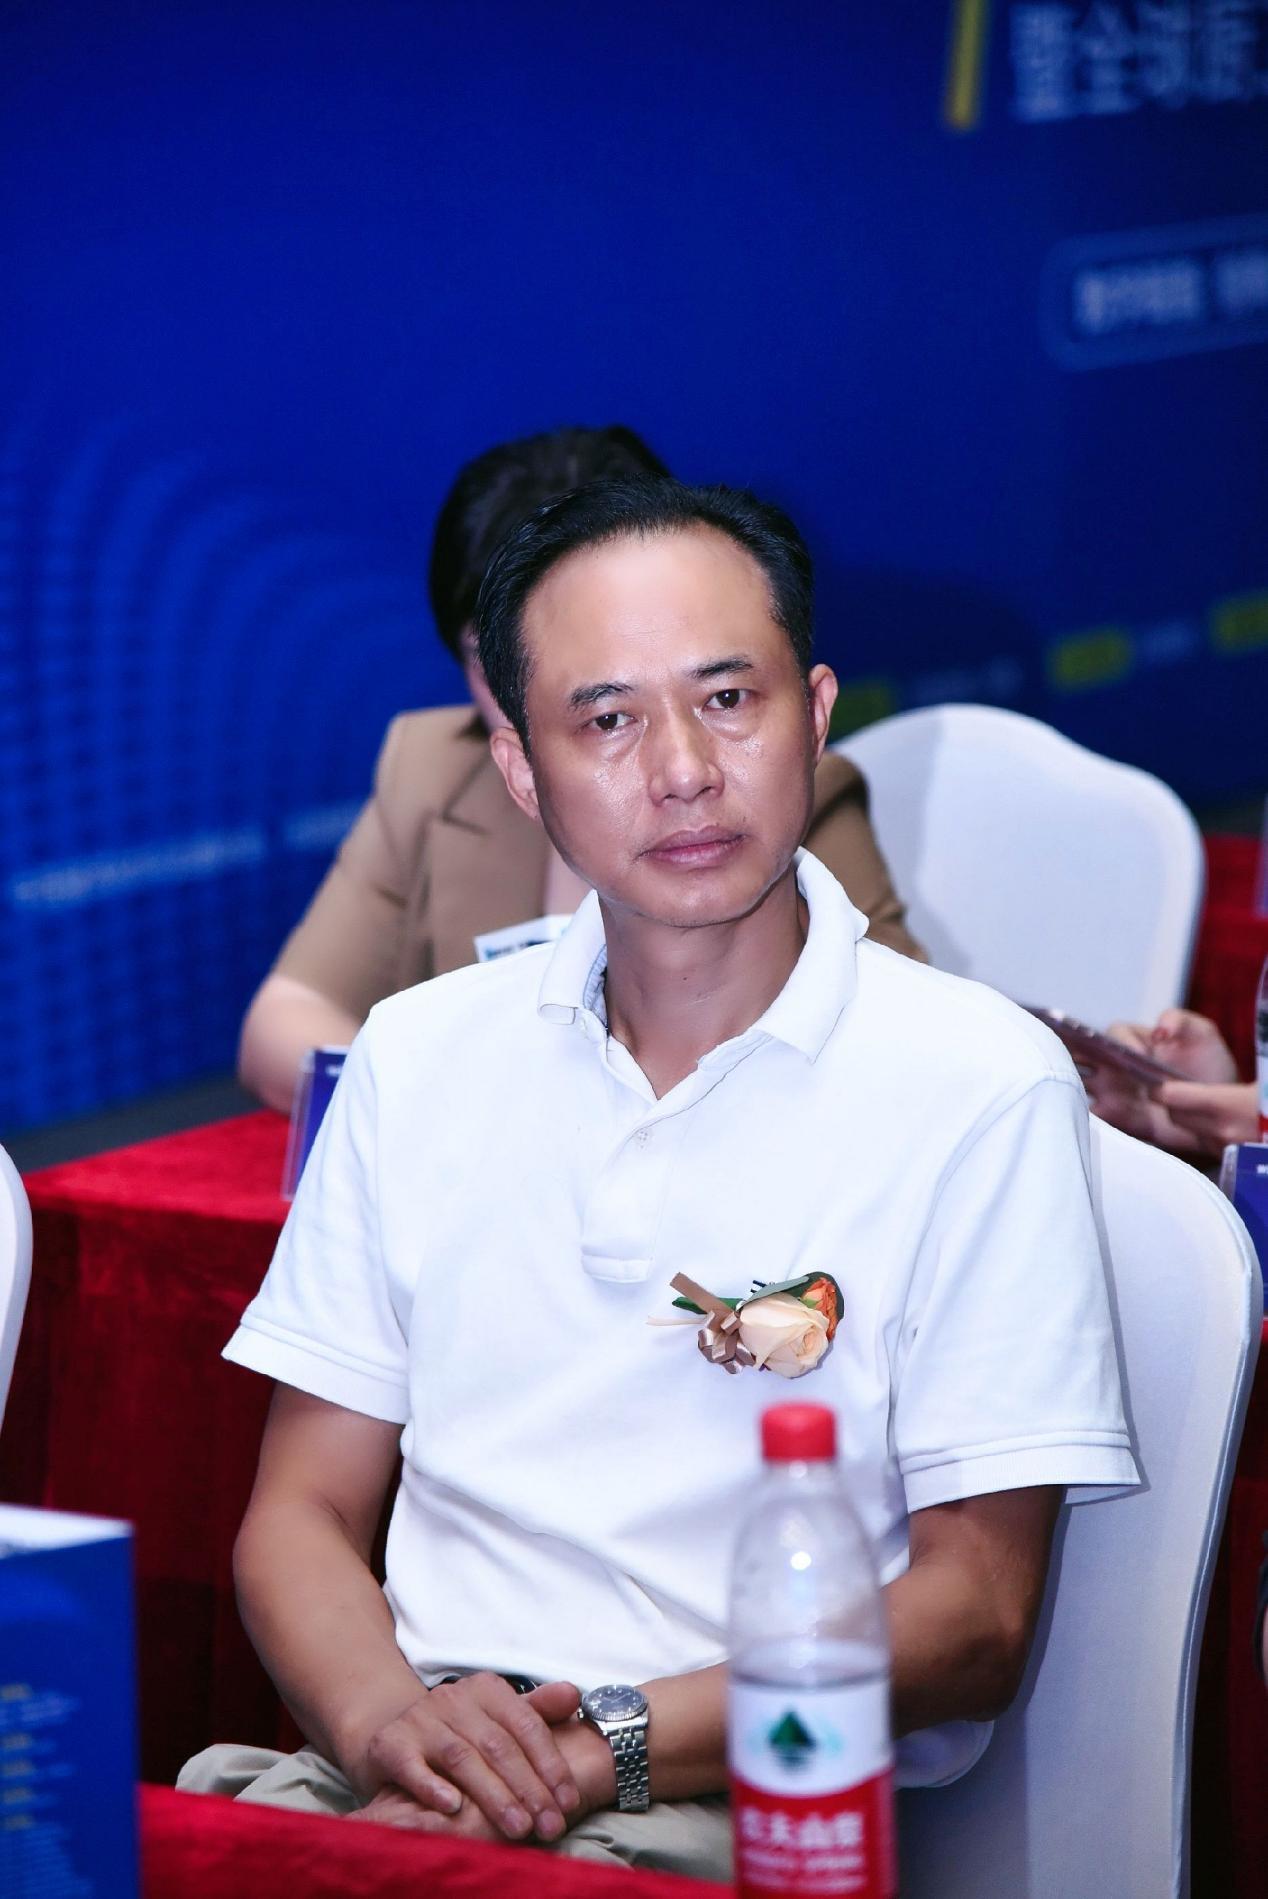 COSO高斯衛浴亞太區總裁胡結輝:數字化會給企業帶來巨大變化